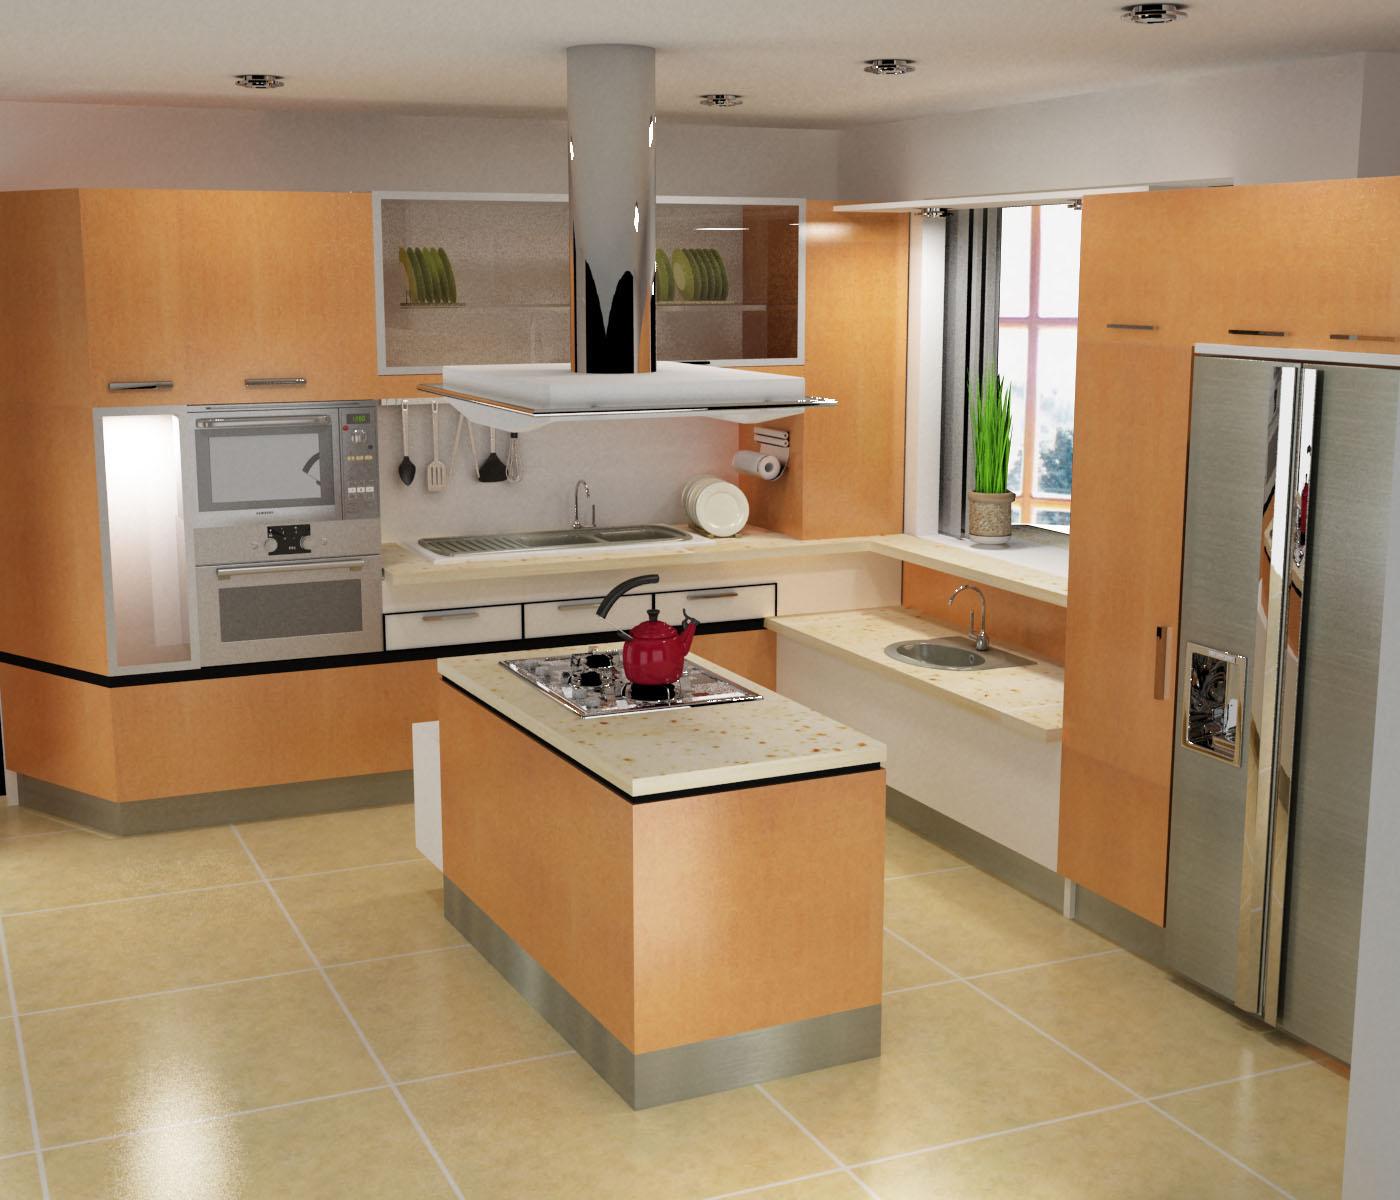 Instalación de cocinas low cost - COCINAS LOS MOLINOS · 950 100 603 ...